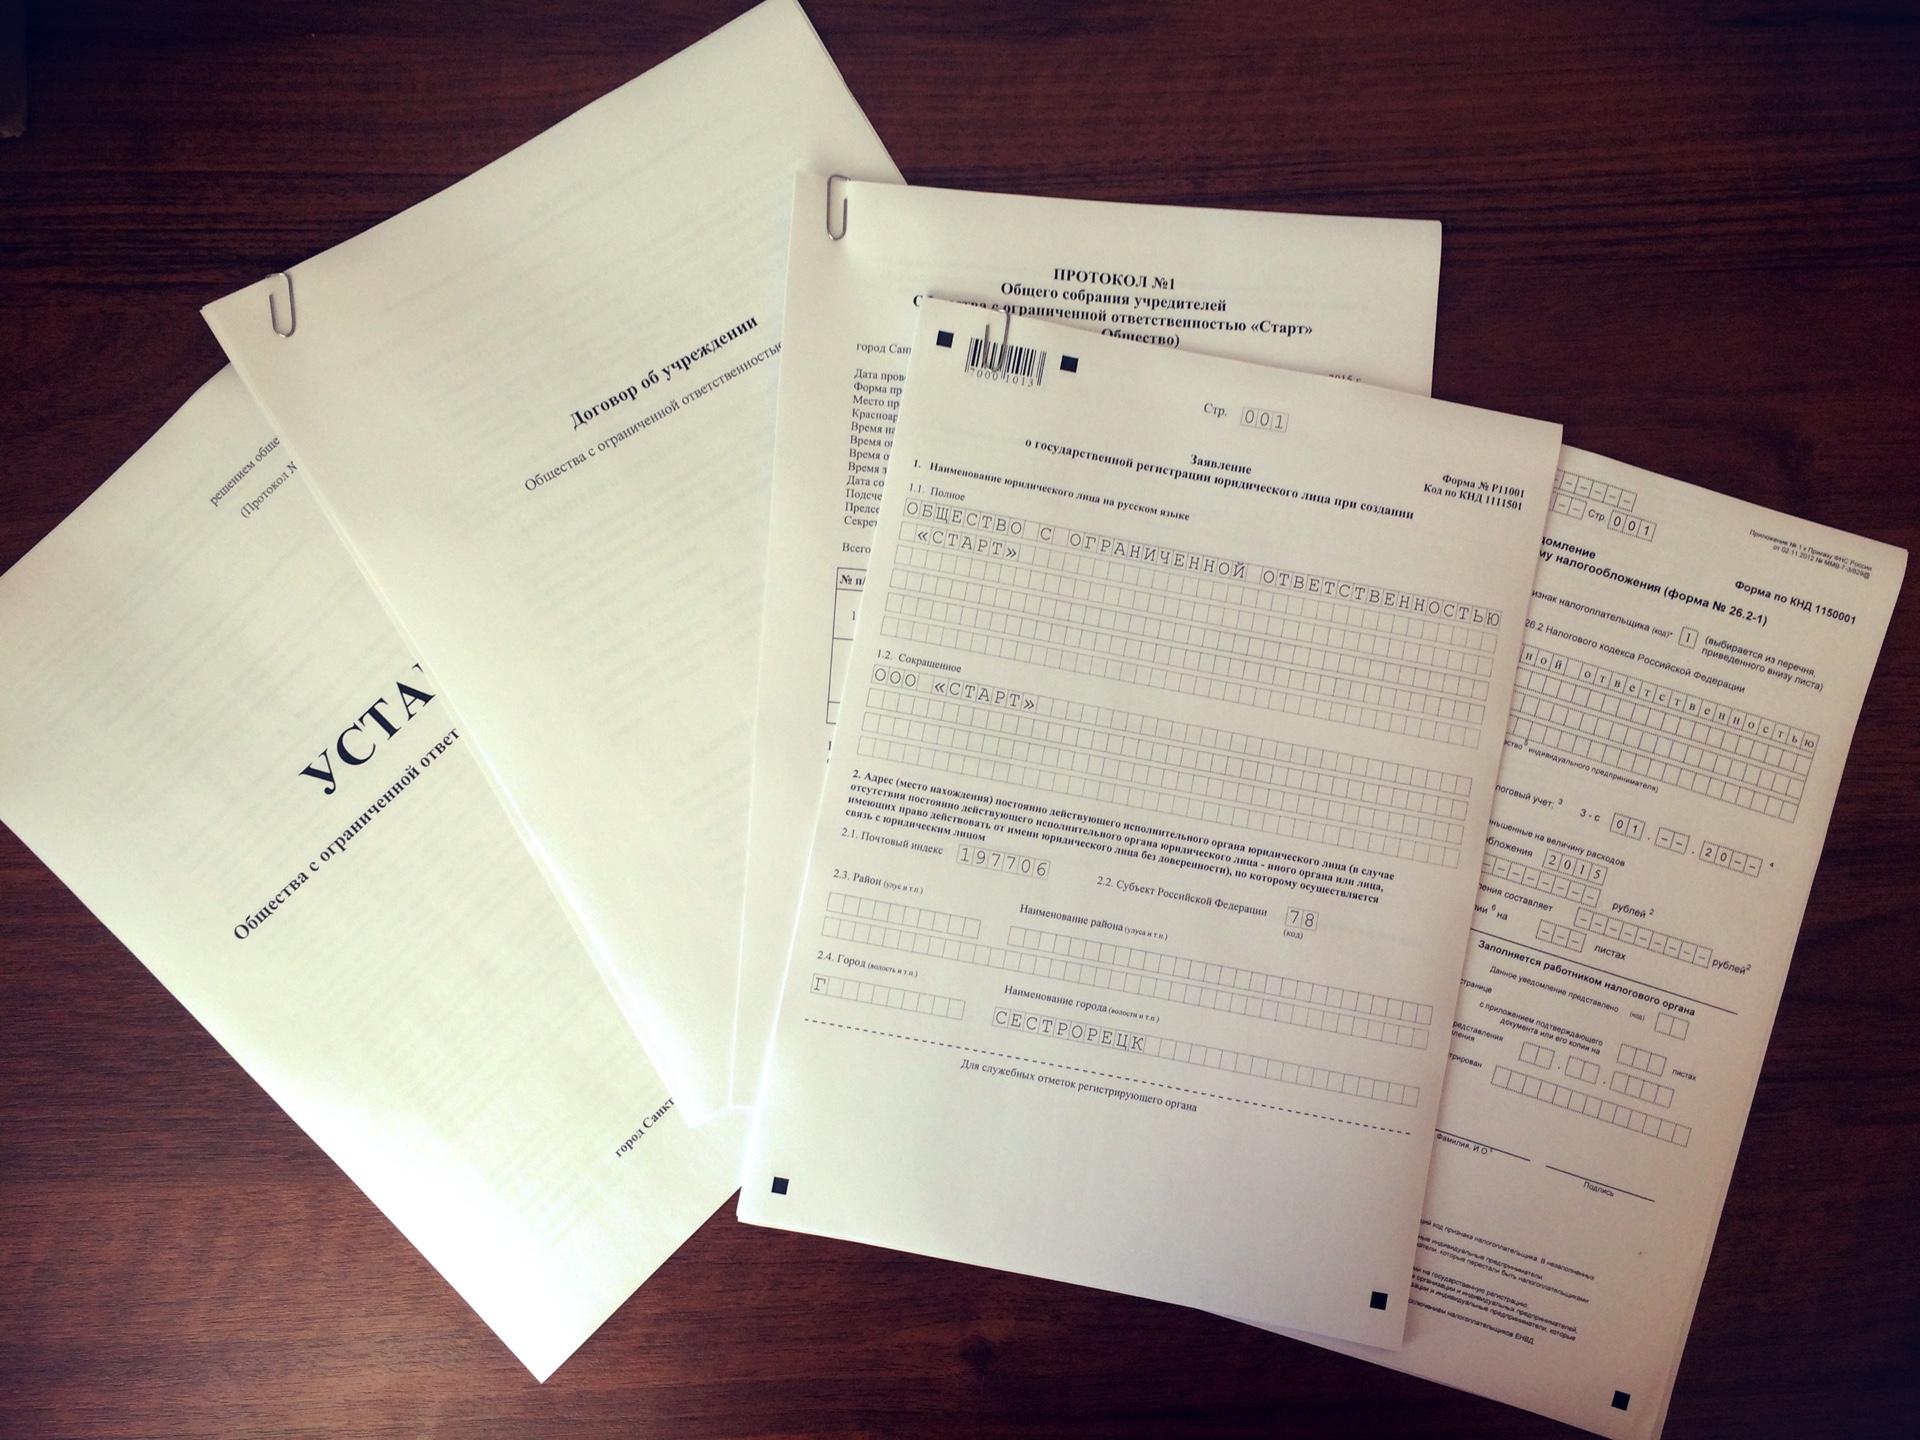 Перечень документов для регистрации ООО: формы